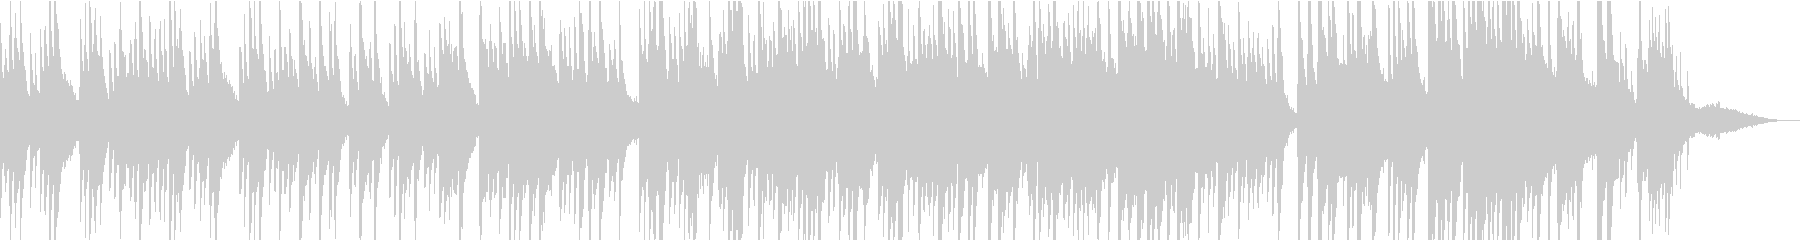 おだやかなピアノシンセBGMの未再生の波形